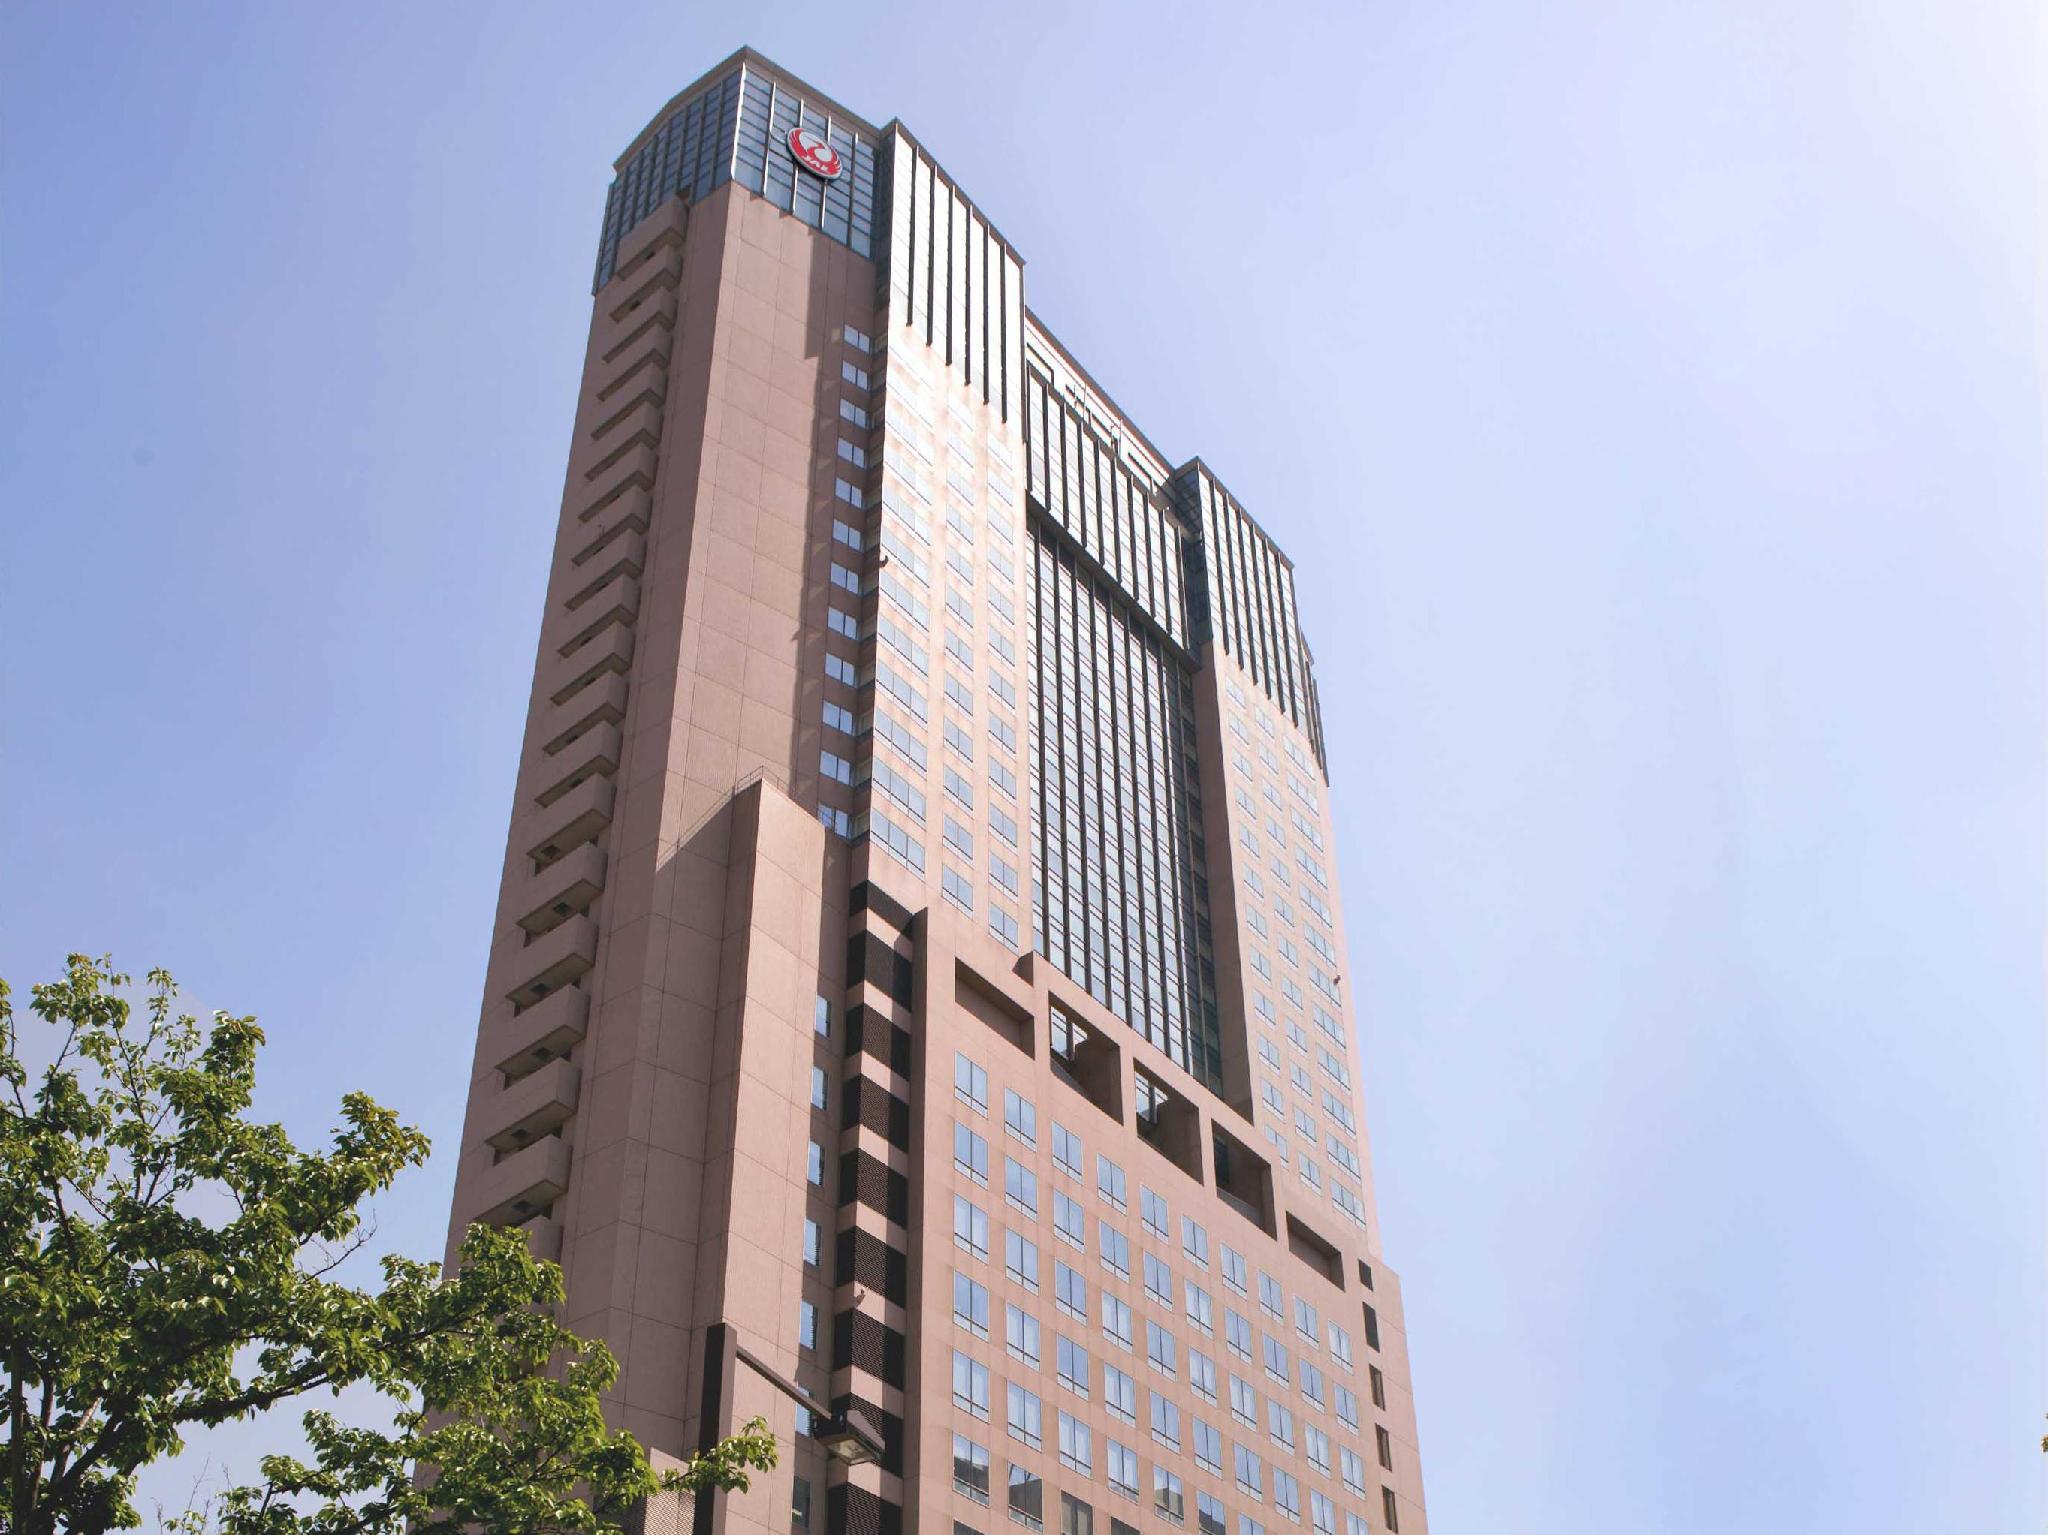 金澤金澤日航飯店 (Hotel Nikko Kanazawa)線上訂房|Agoda.com